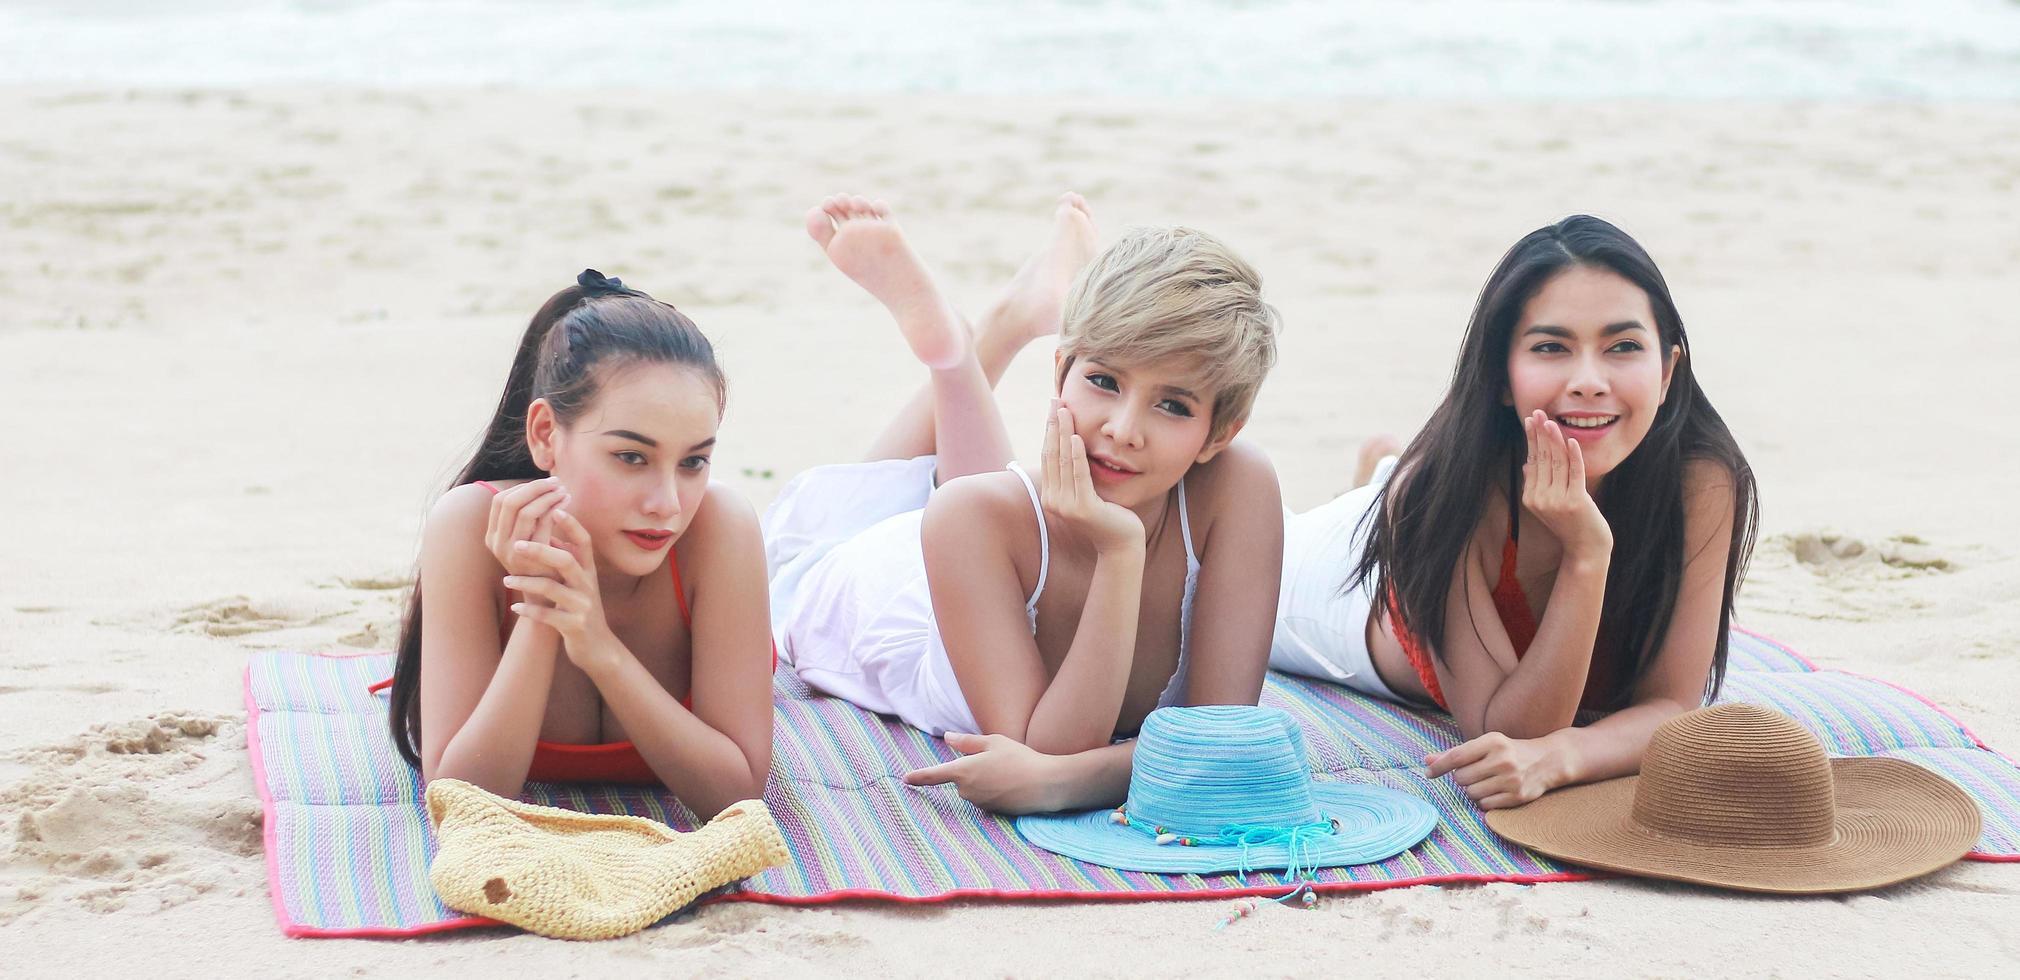 Groupe de copines heureux sur la belle plage d'été photo